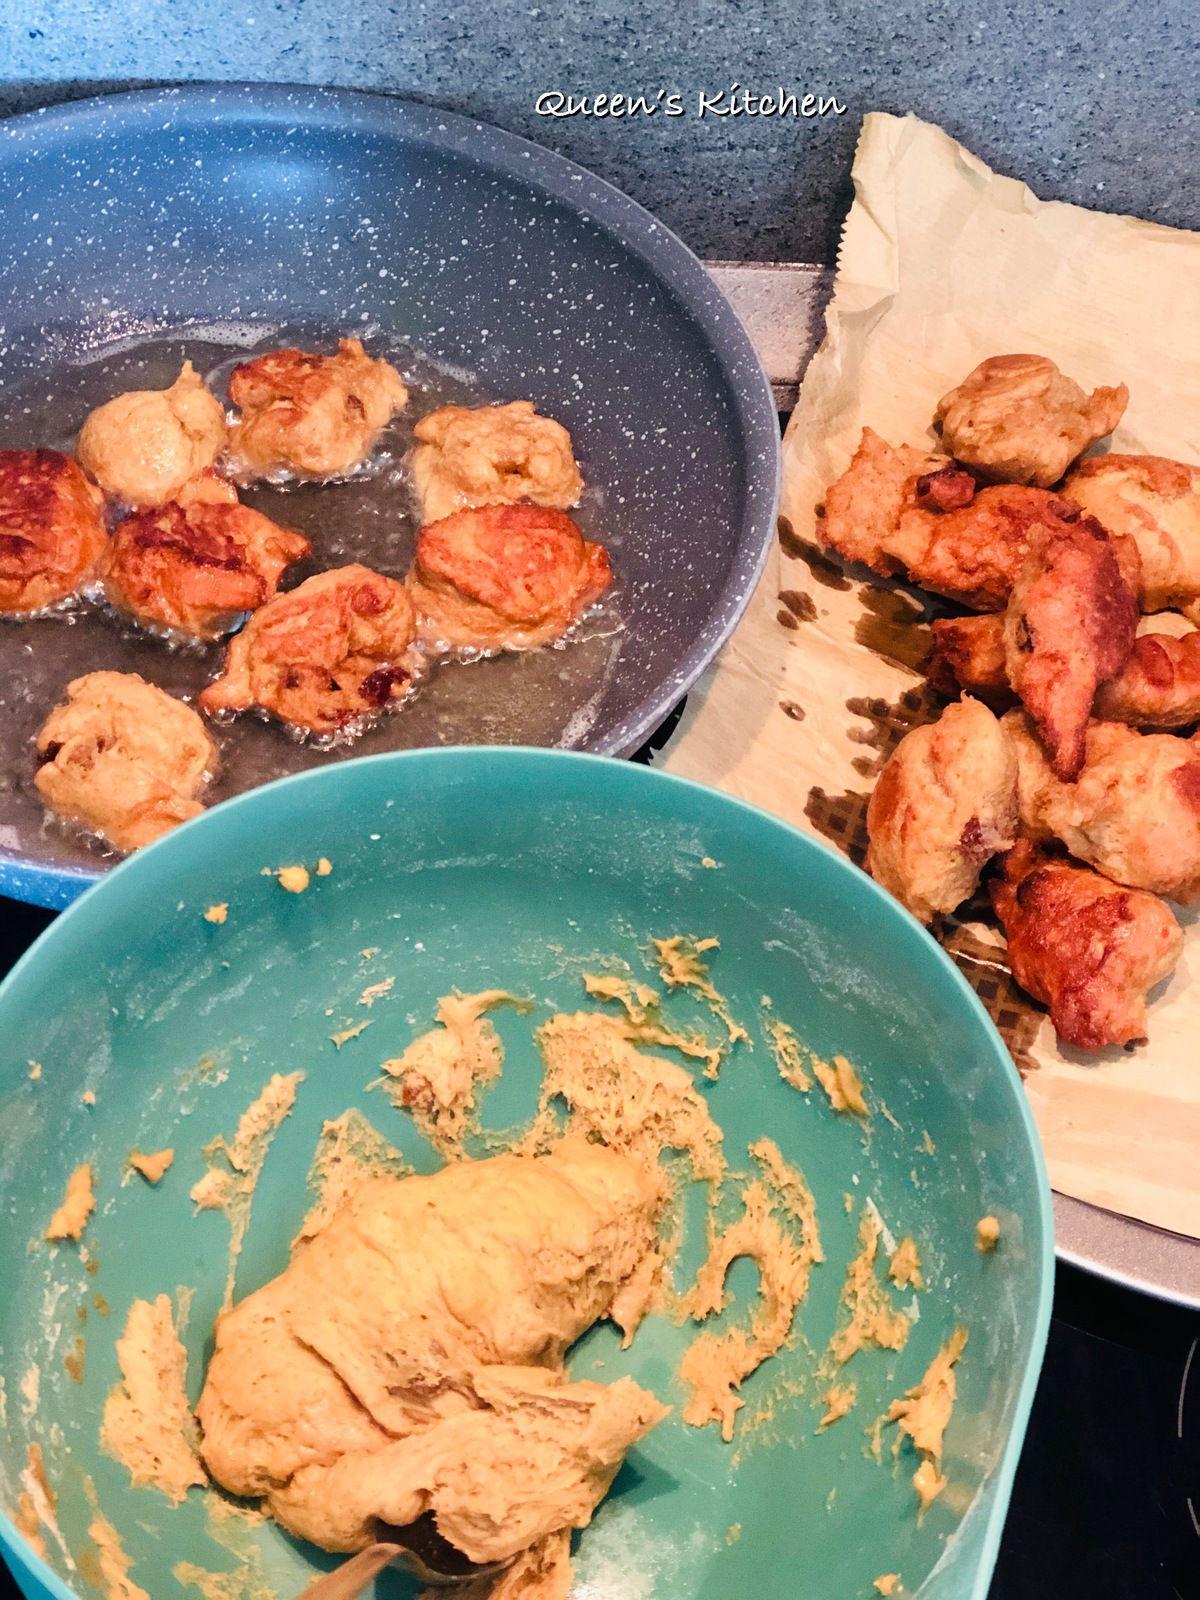 Intingere il cucchiaino nell'olio caldo aiuta a staccare meglio l'impasto.